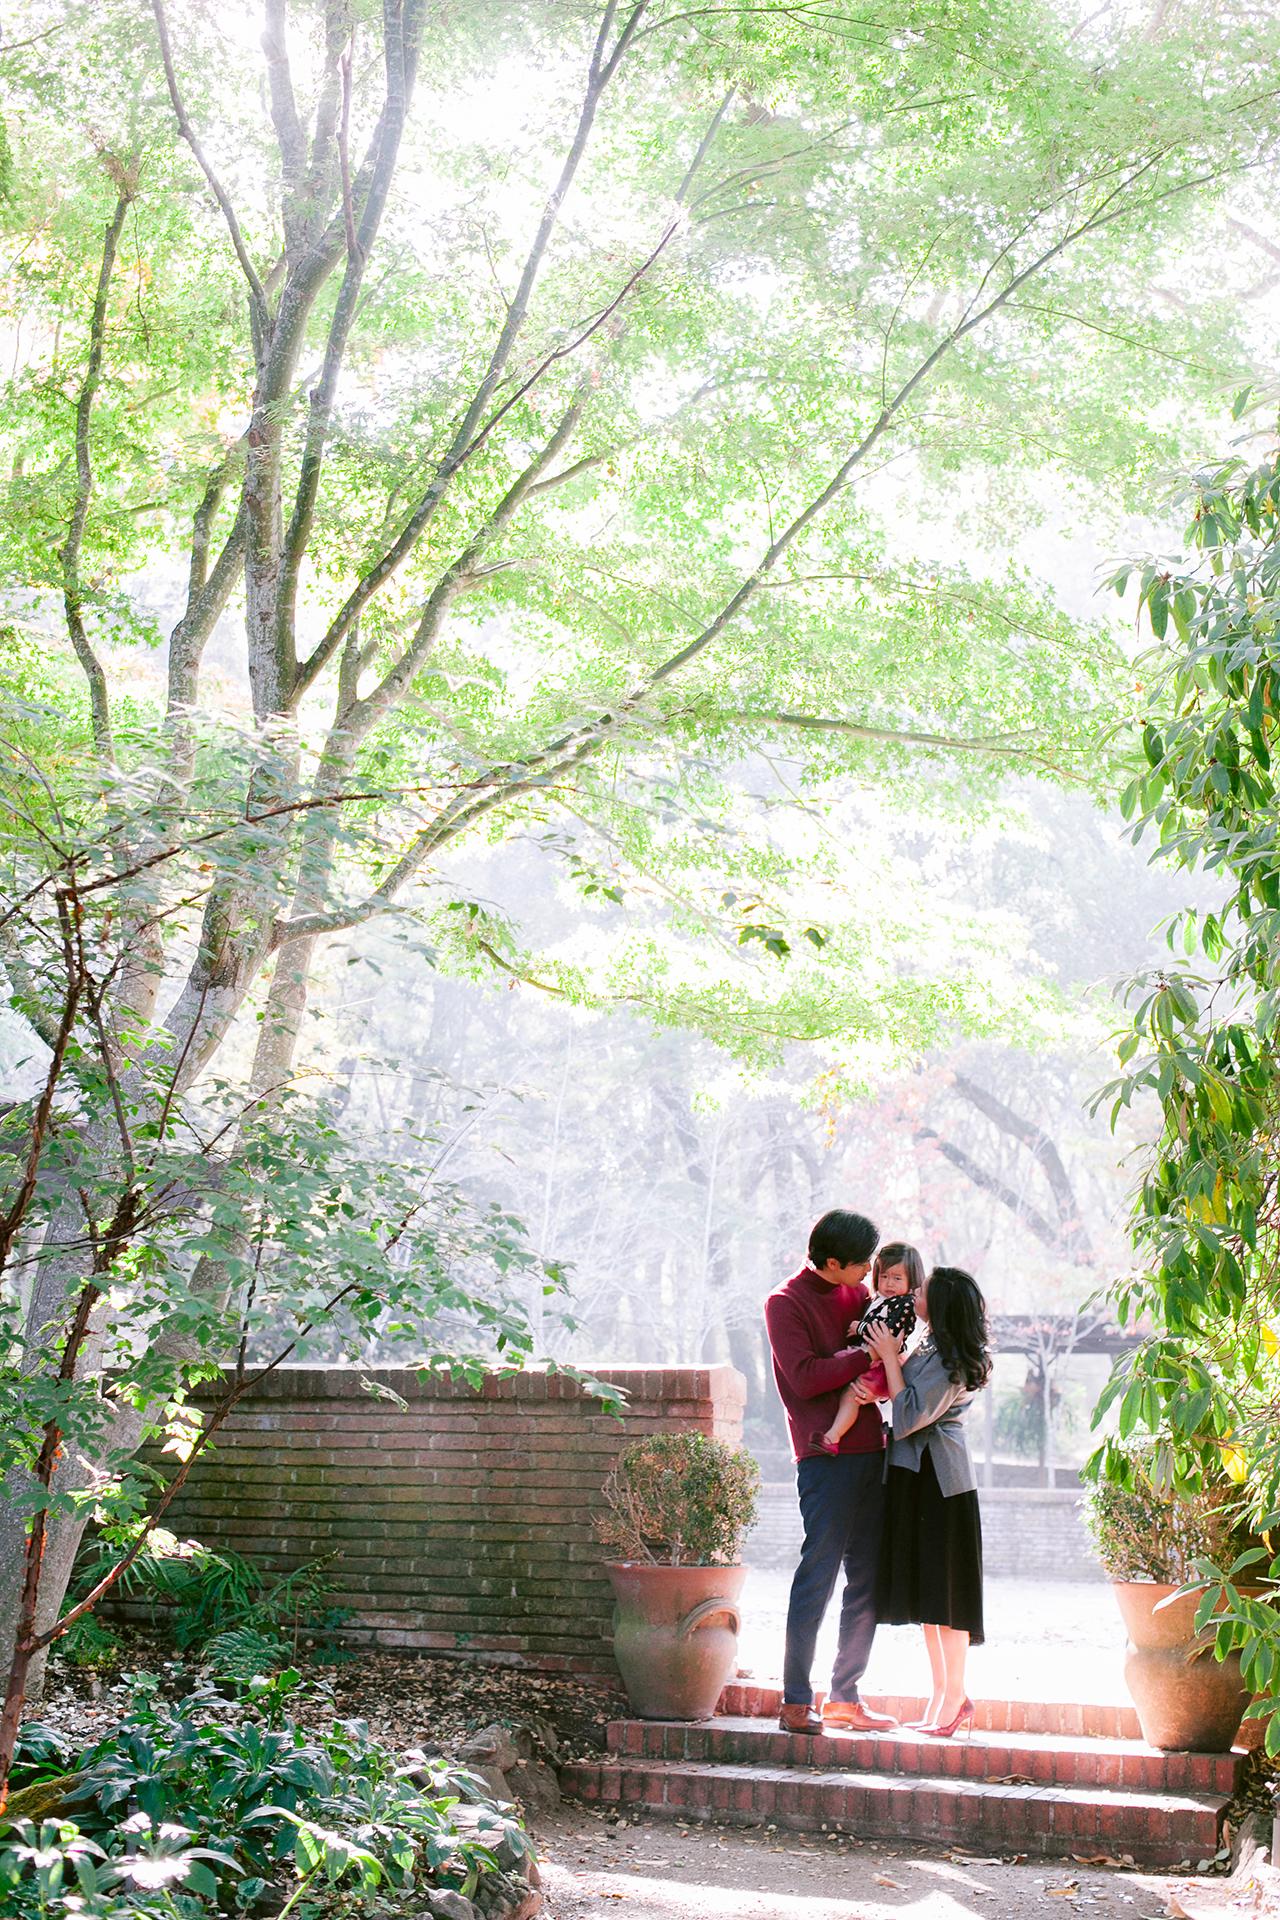 Fioli_Gardens_Woodside_Children_and_Family_Portrait_015.jpg